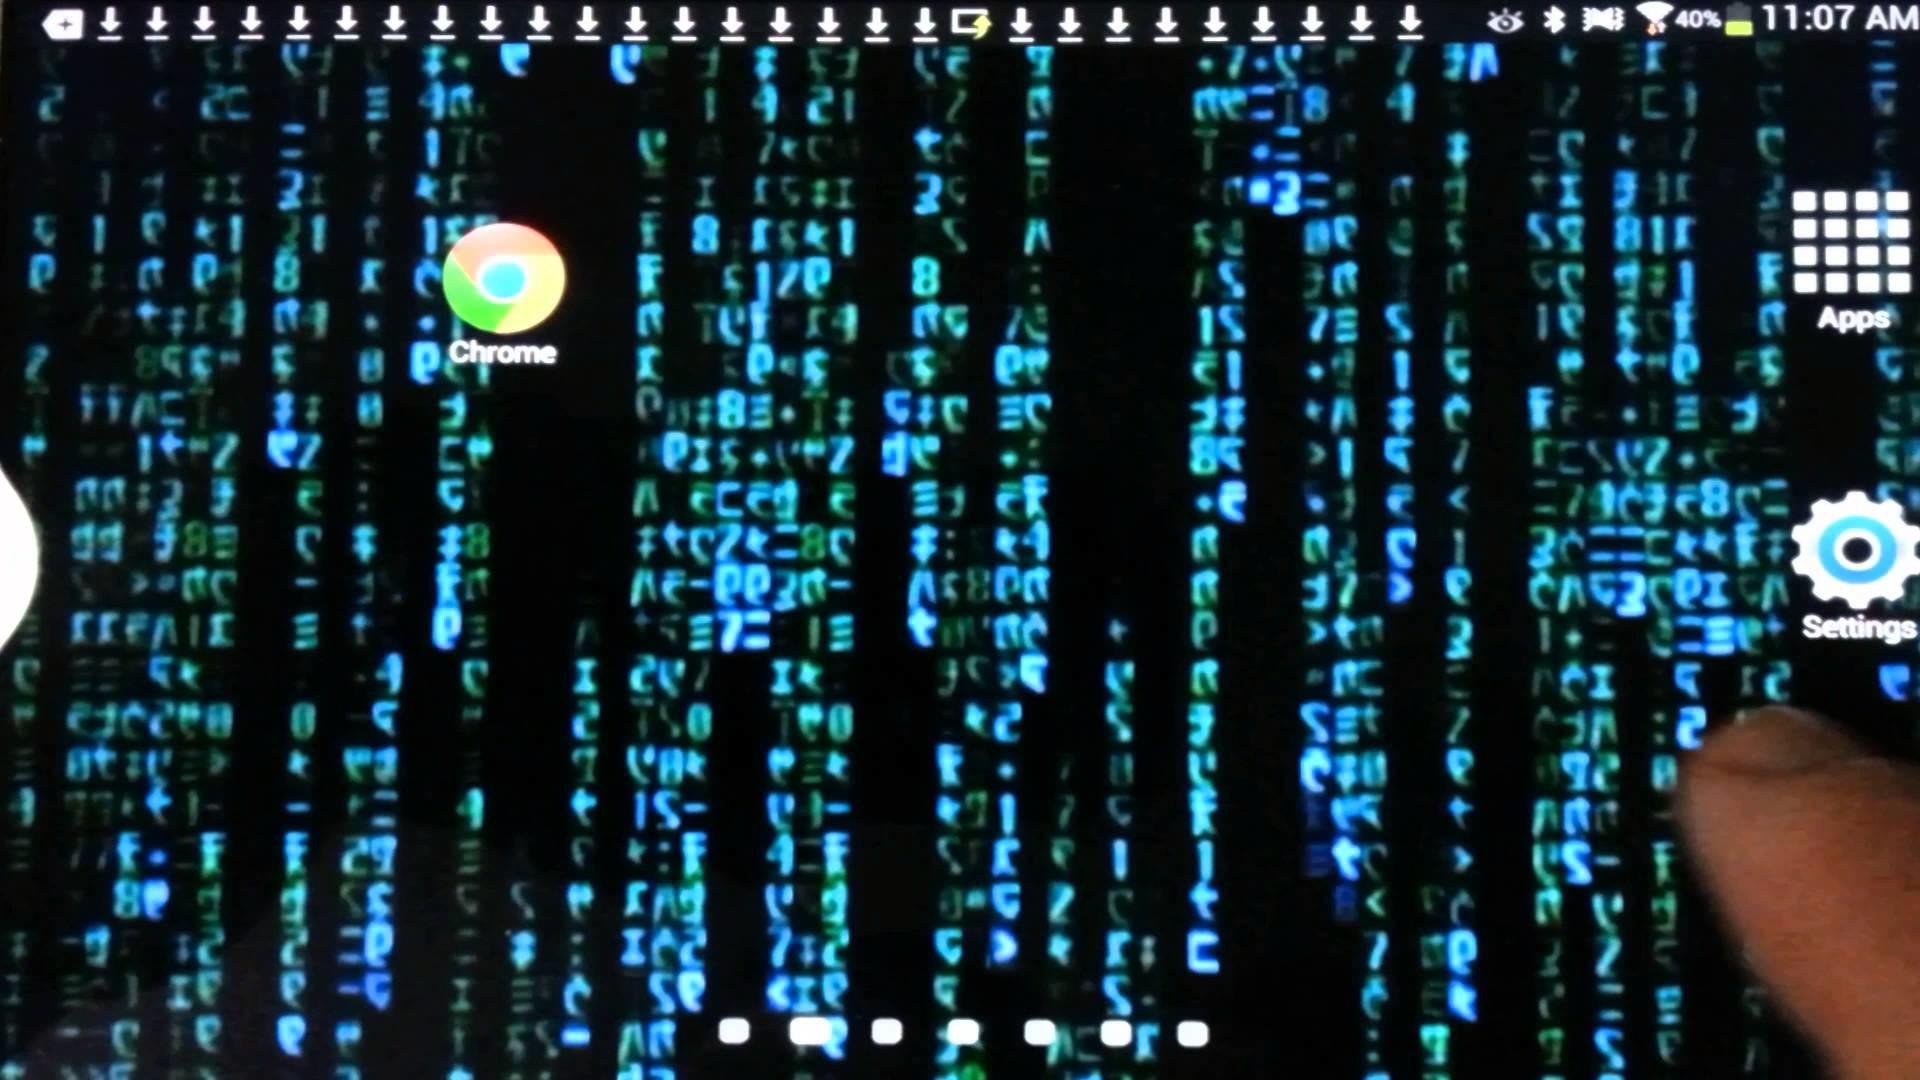 Matrix Rain Live Wallpaper – Android